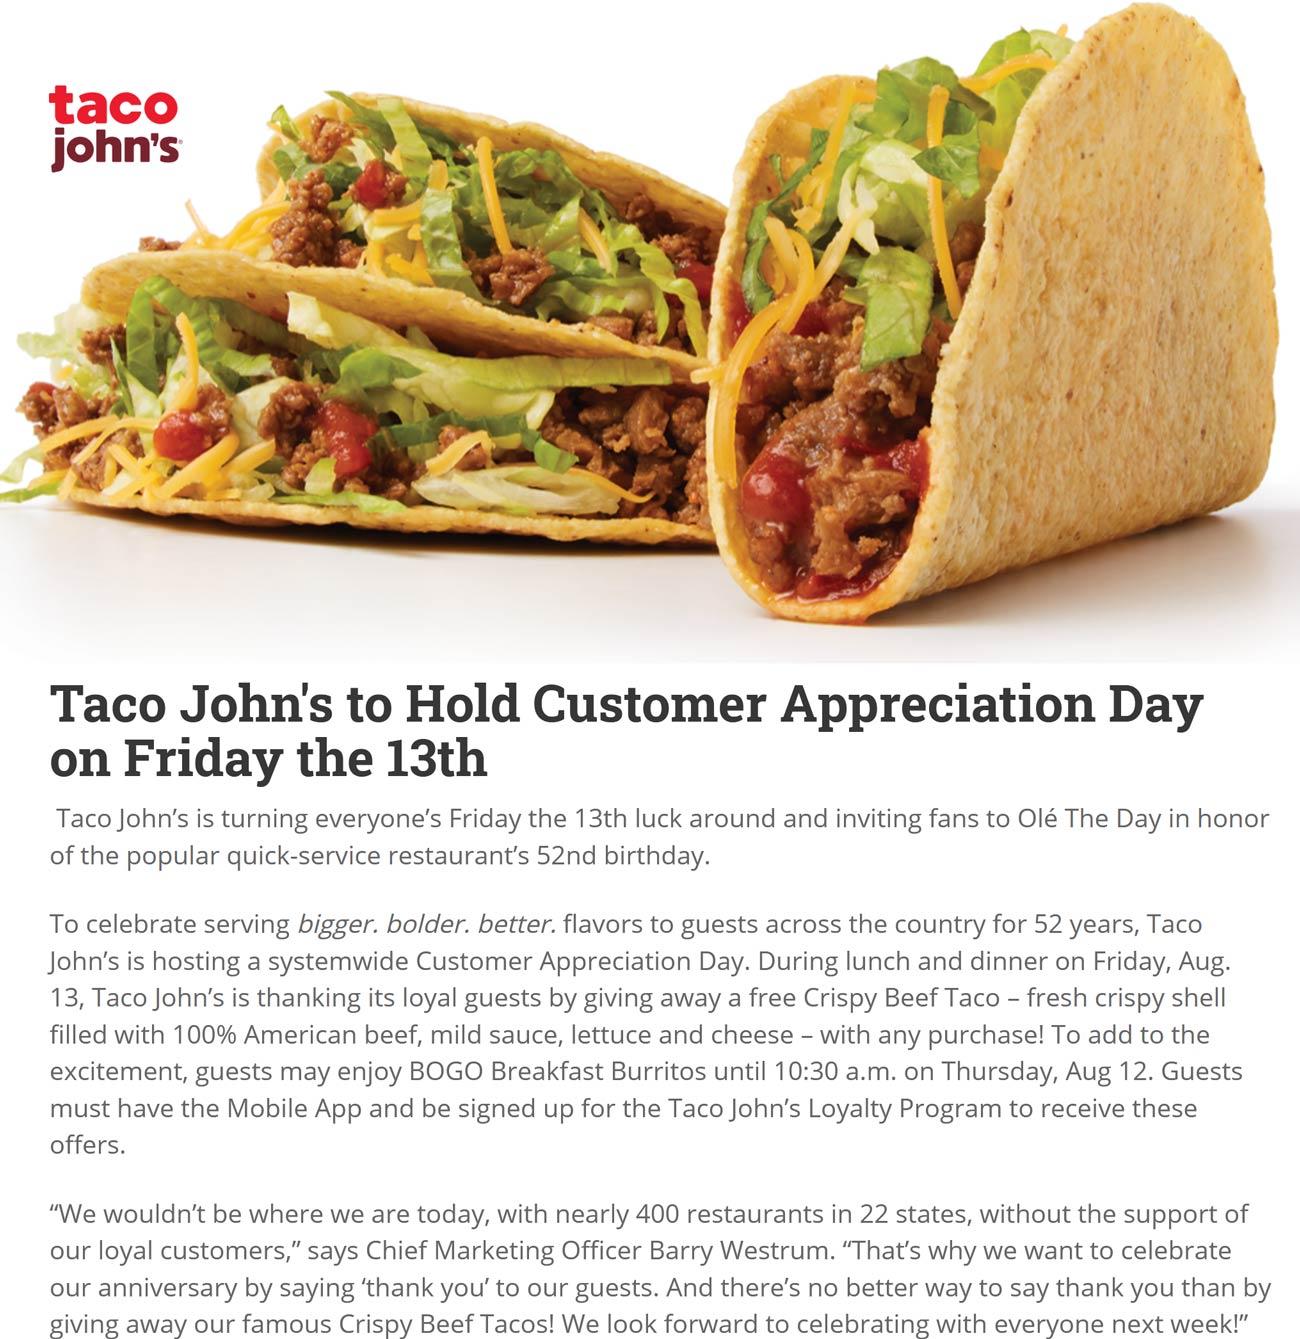 Taco Johns restaurants Coupon  Free taco Friday at Taco Johns, also bogo breakfast burritos Thurs #tacojohns